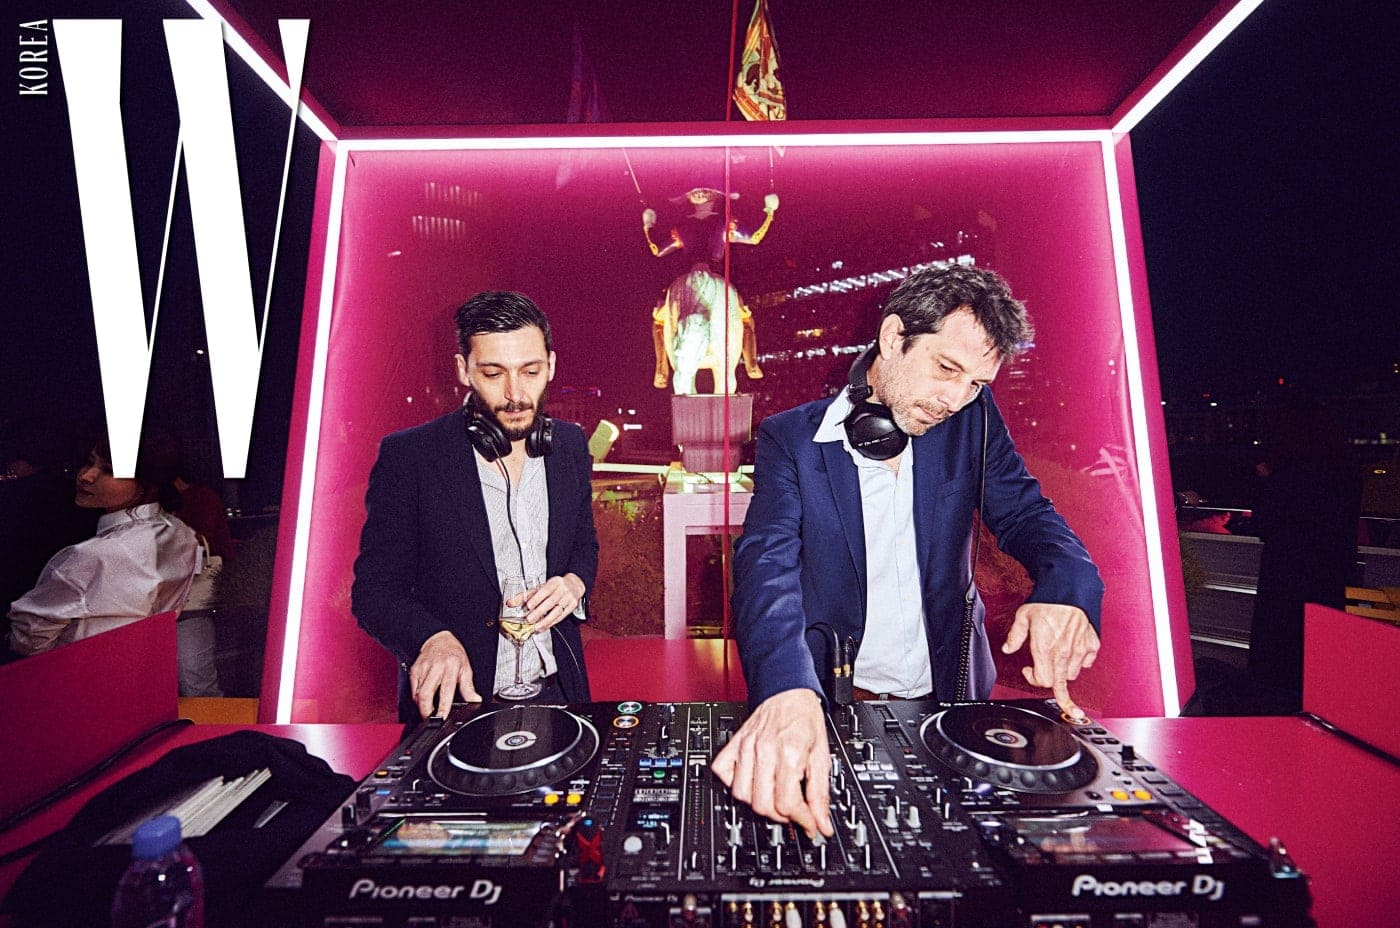 파리의 DJ 듀오 Get aRoom!의 음악은 파티의 종착지였던 메종 에르메스 도산 파크 옥상을 가득 채웠다.